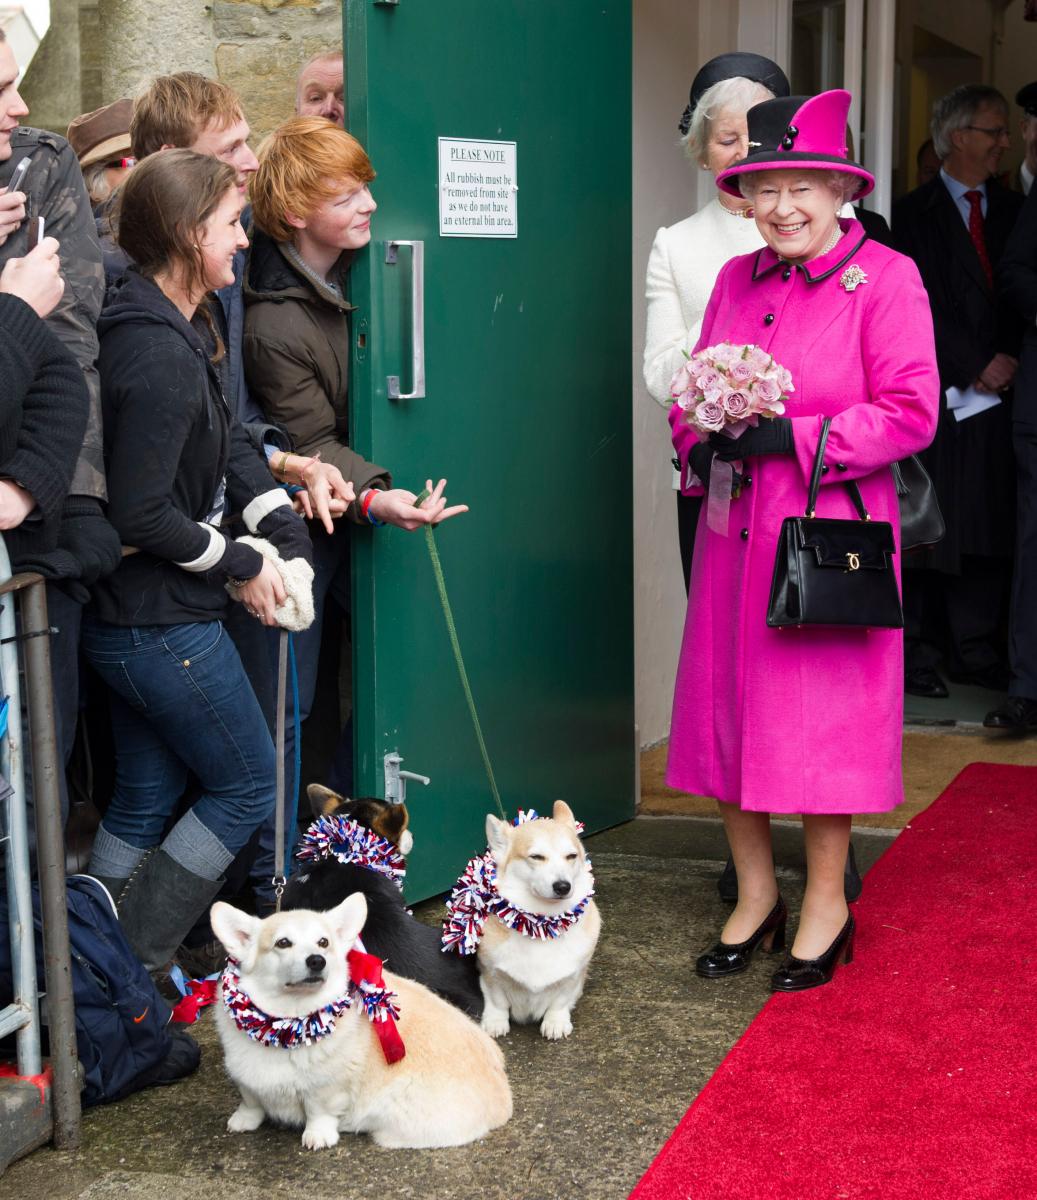 鮮やかなピンクコートでコーギー犬に出迎えられて